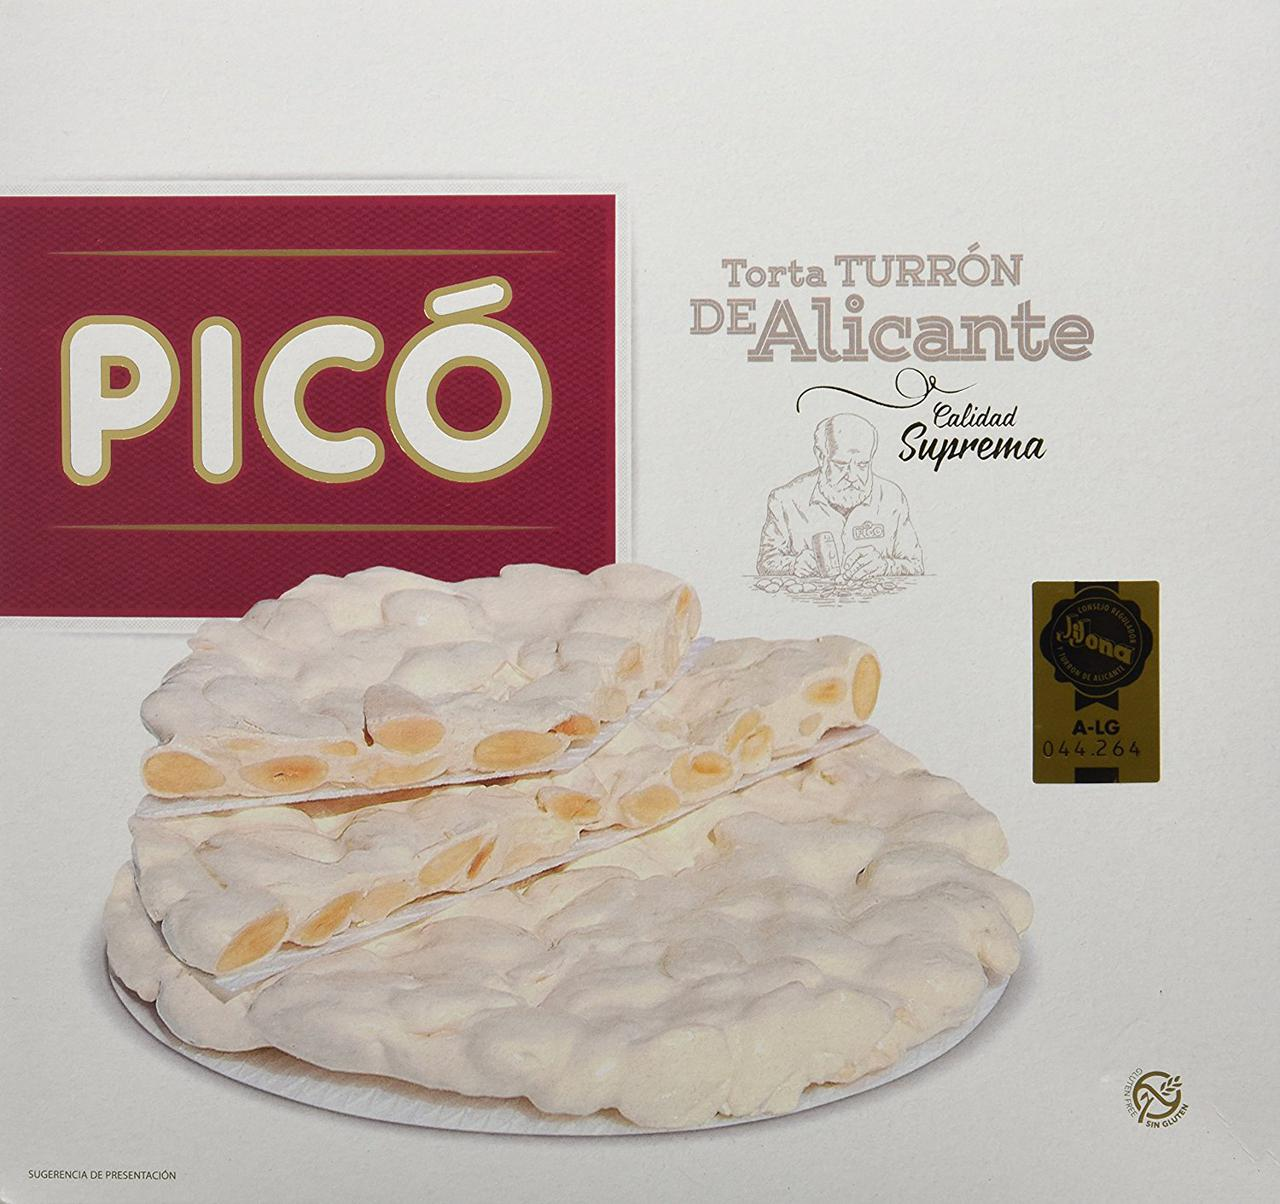 PICO Torta TURRON De Alicante